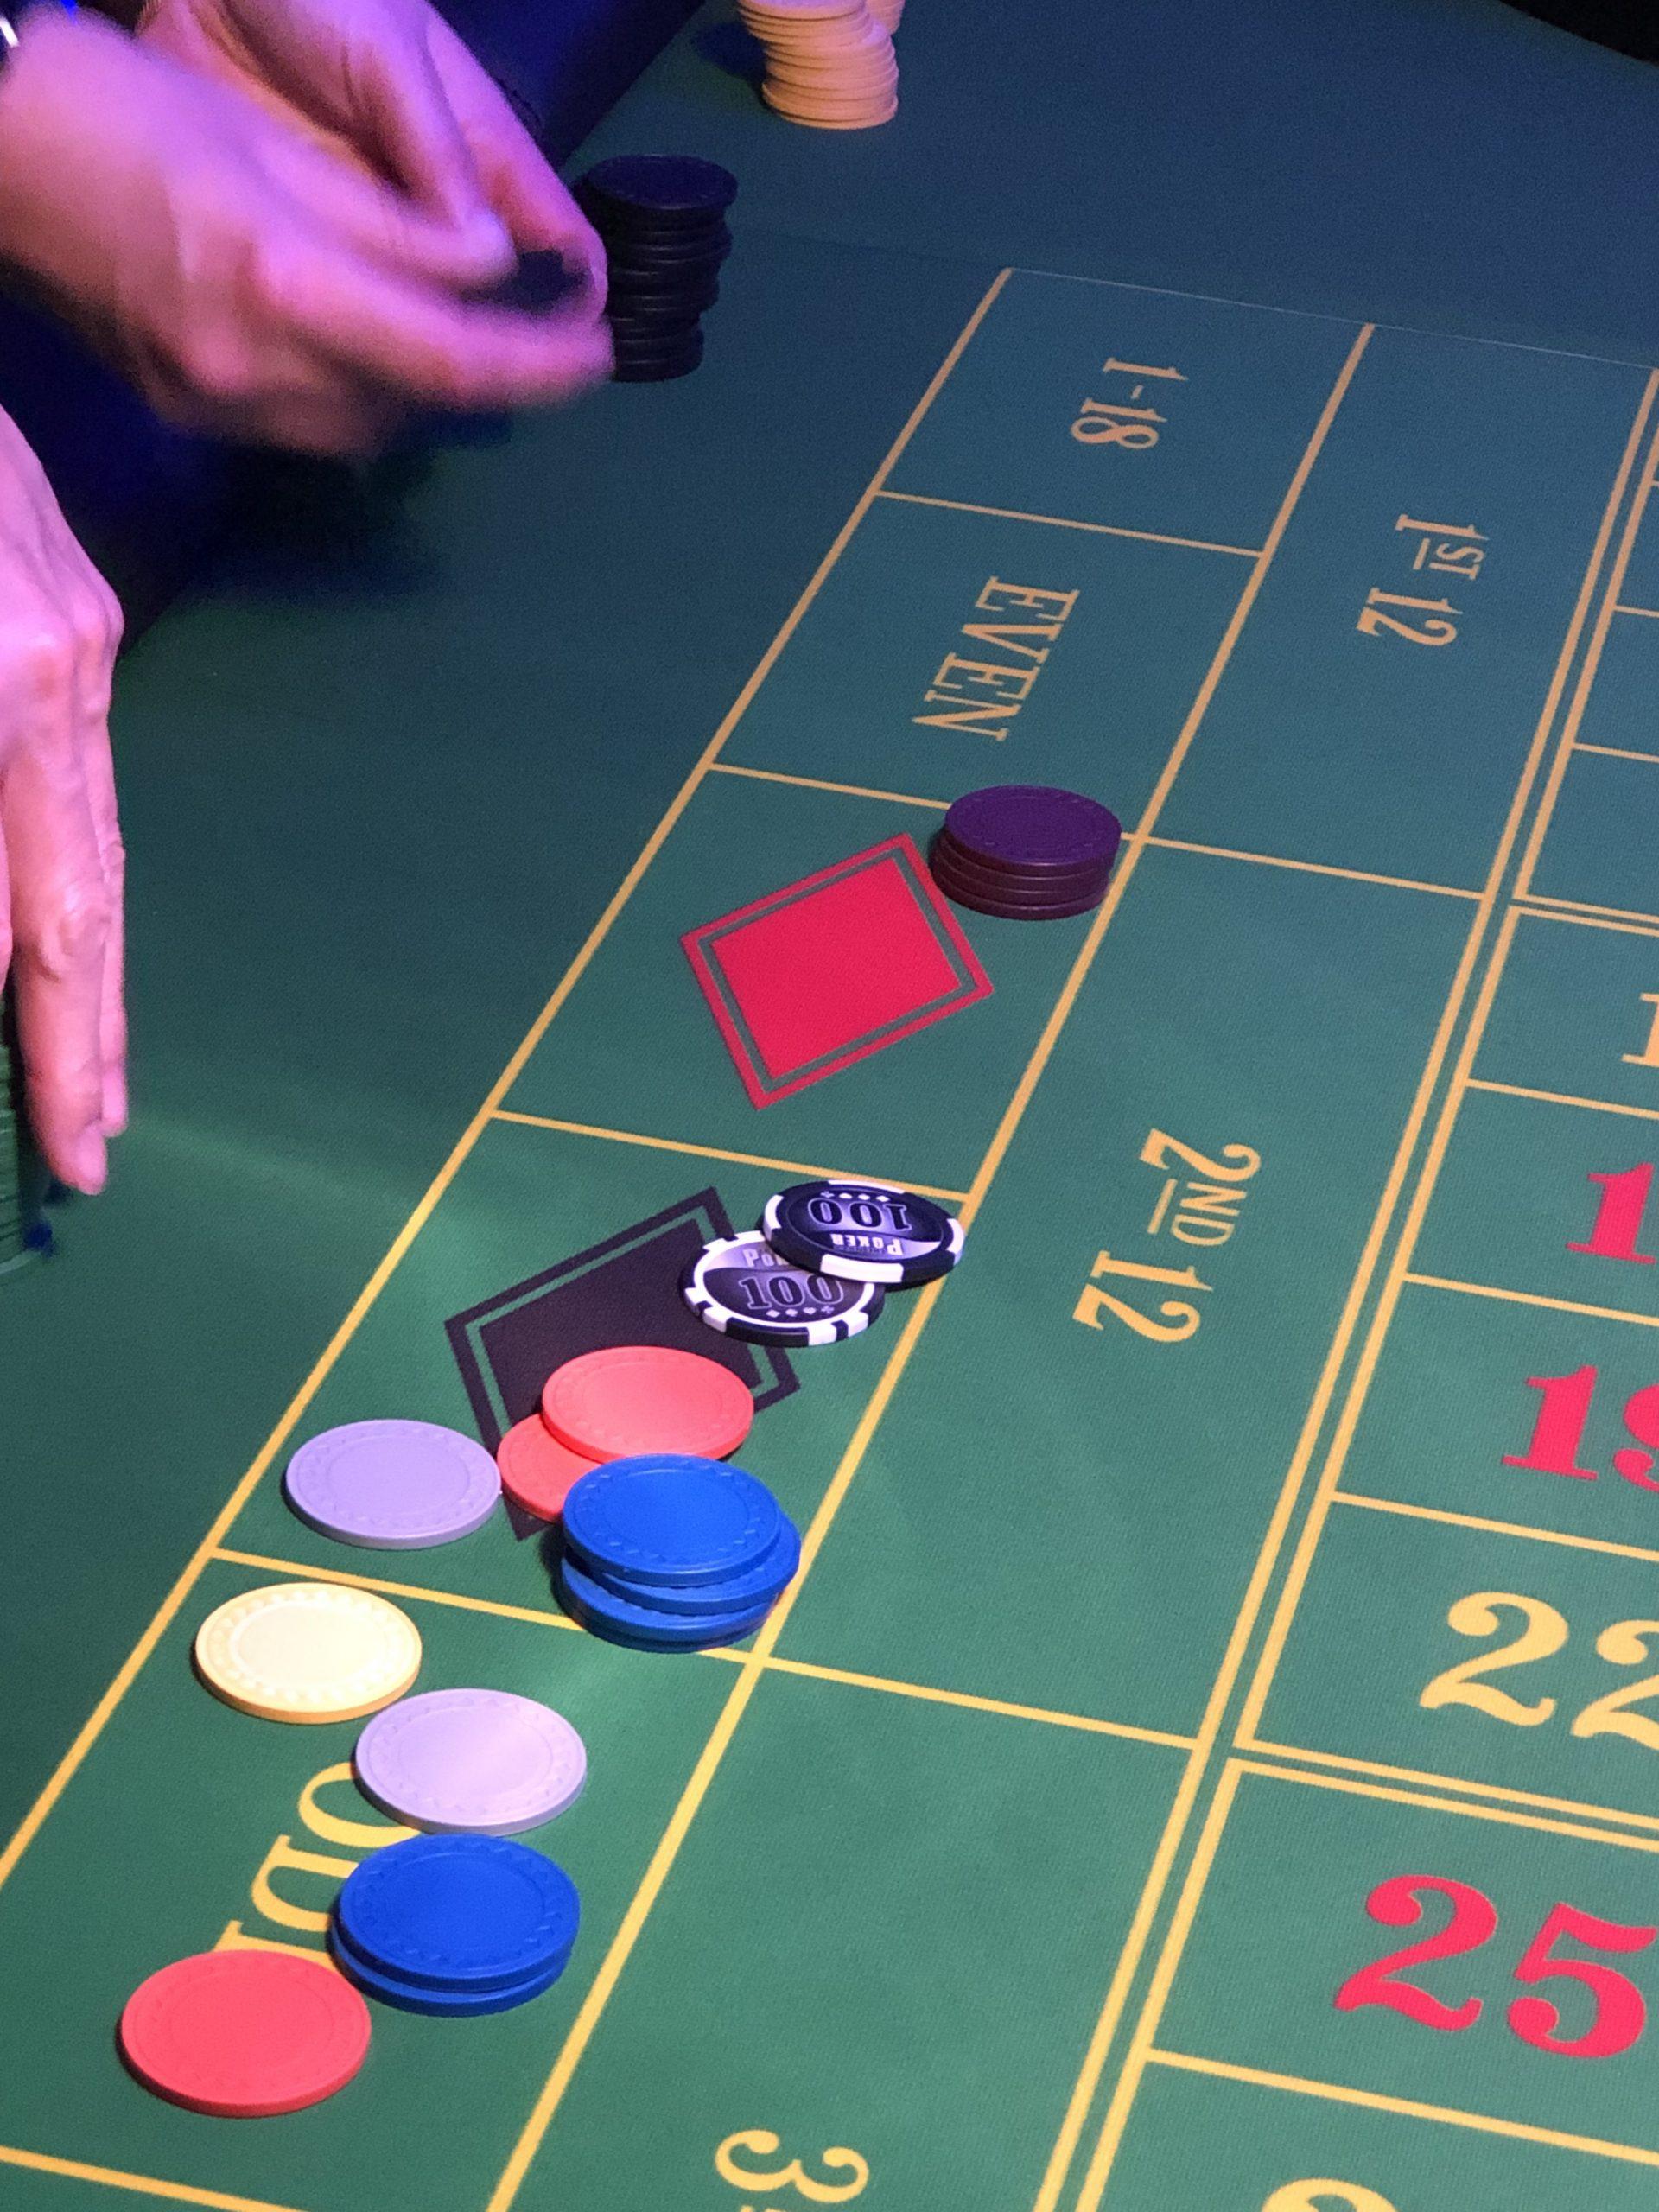 Für Ihr Business-Event ein mobiles Spielcasino buchen